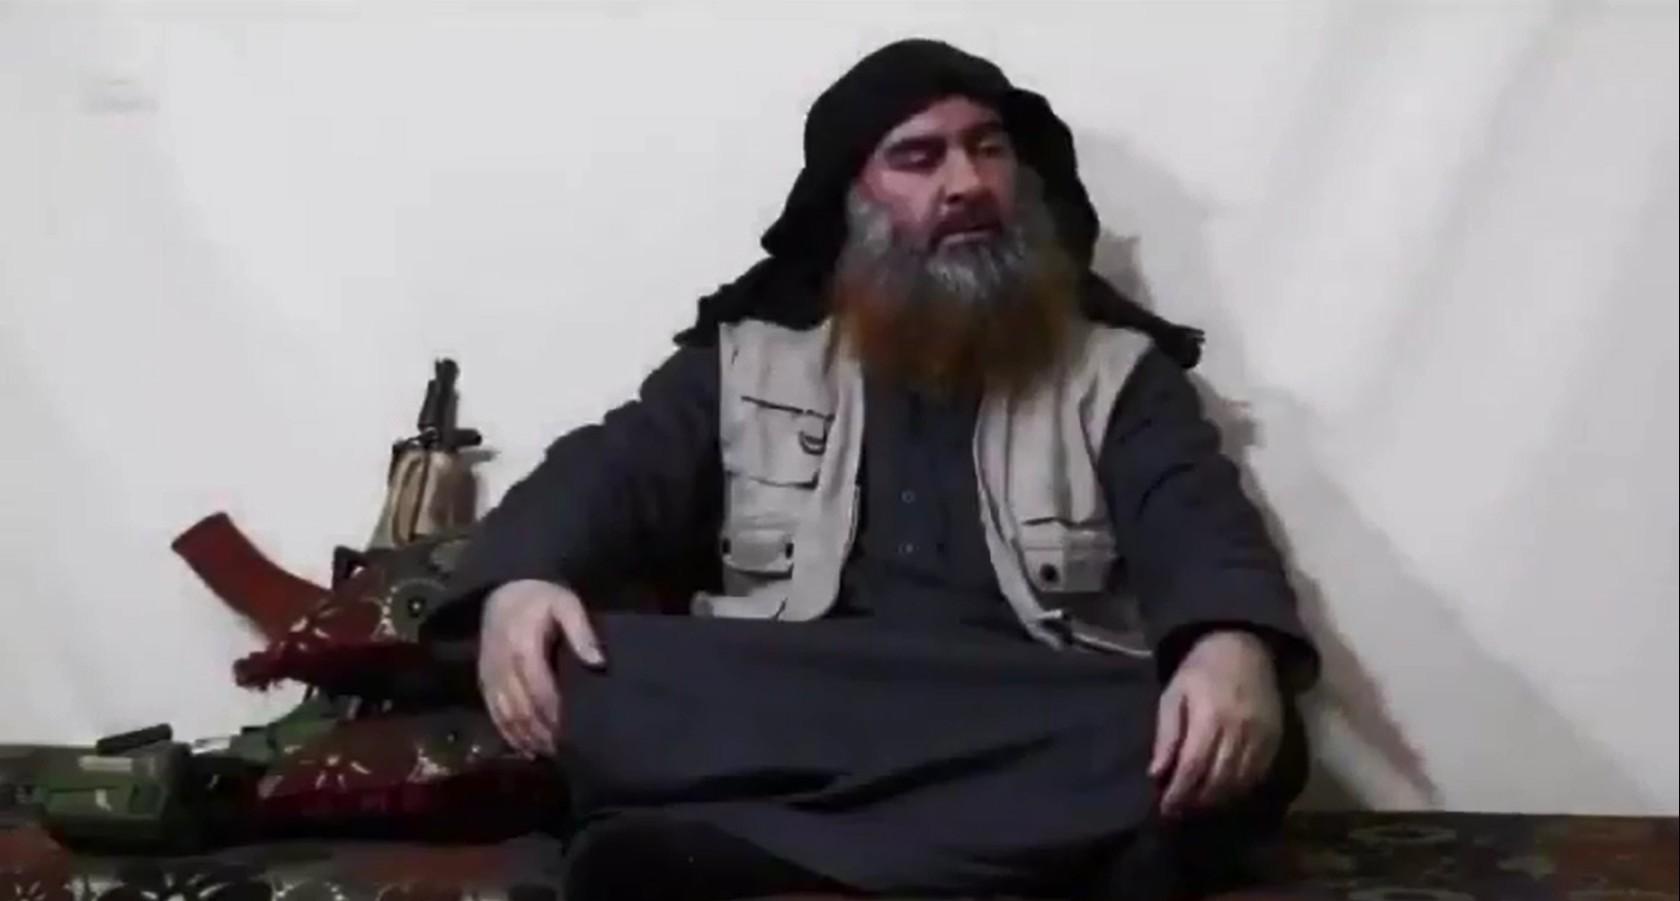 El líder de Daesh reaparece tras cinco años desaparecido